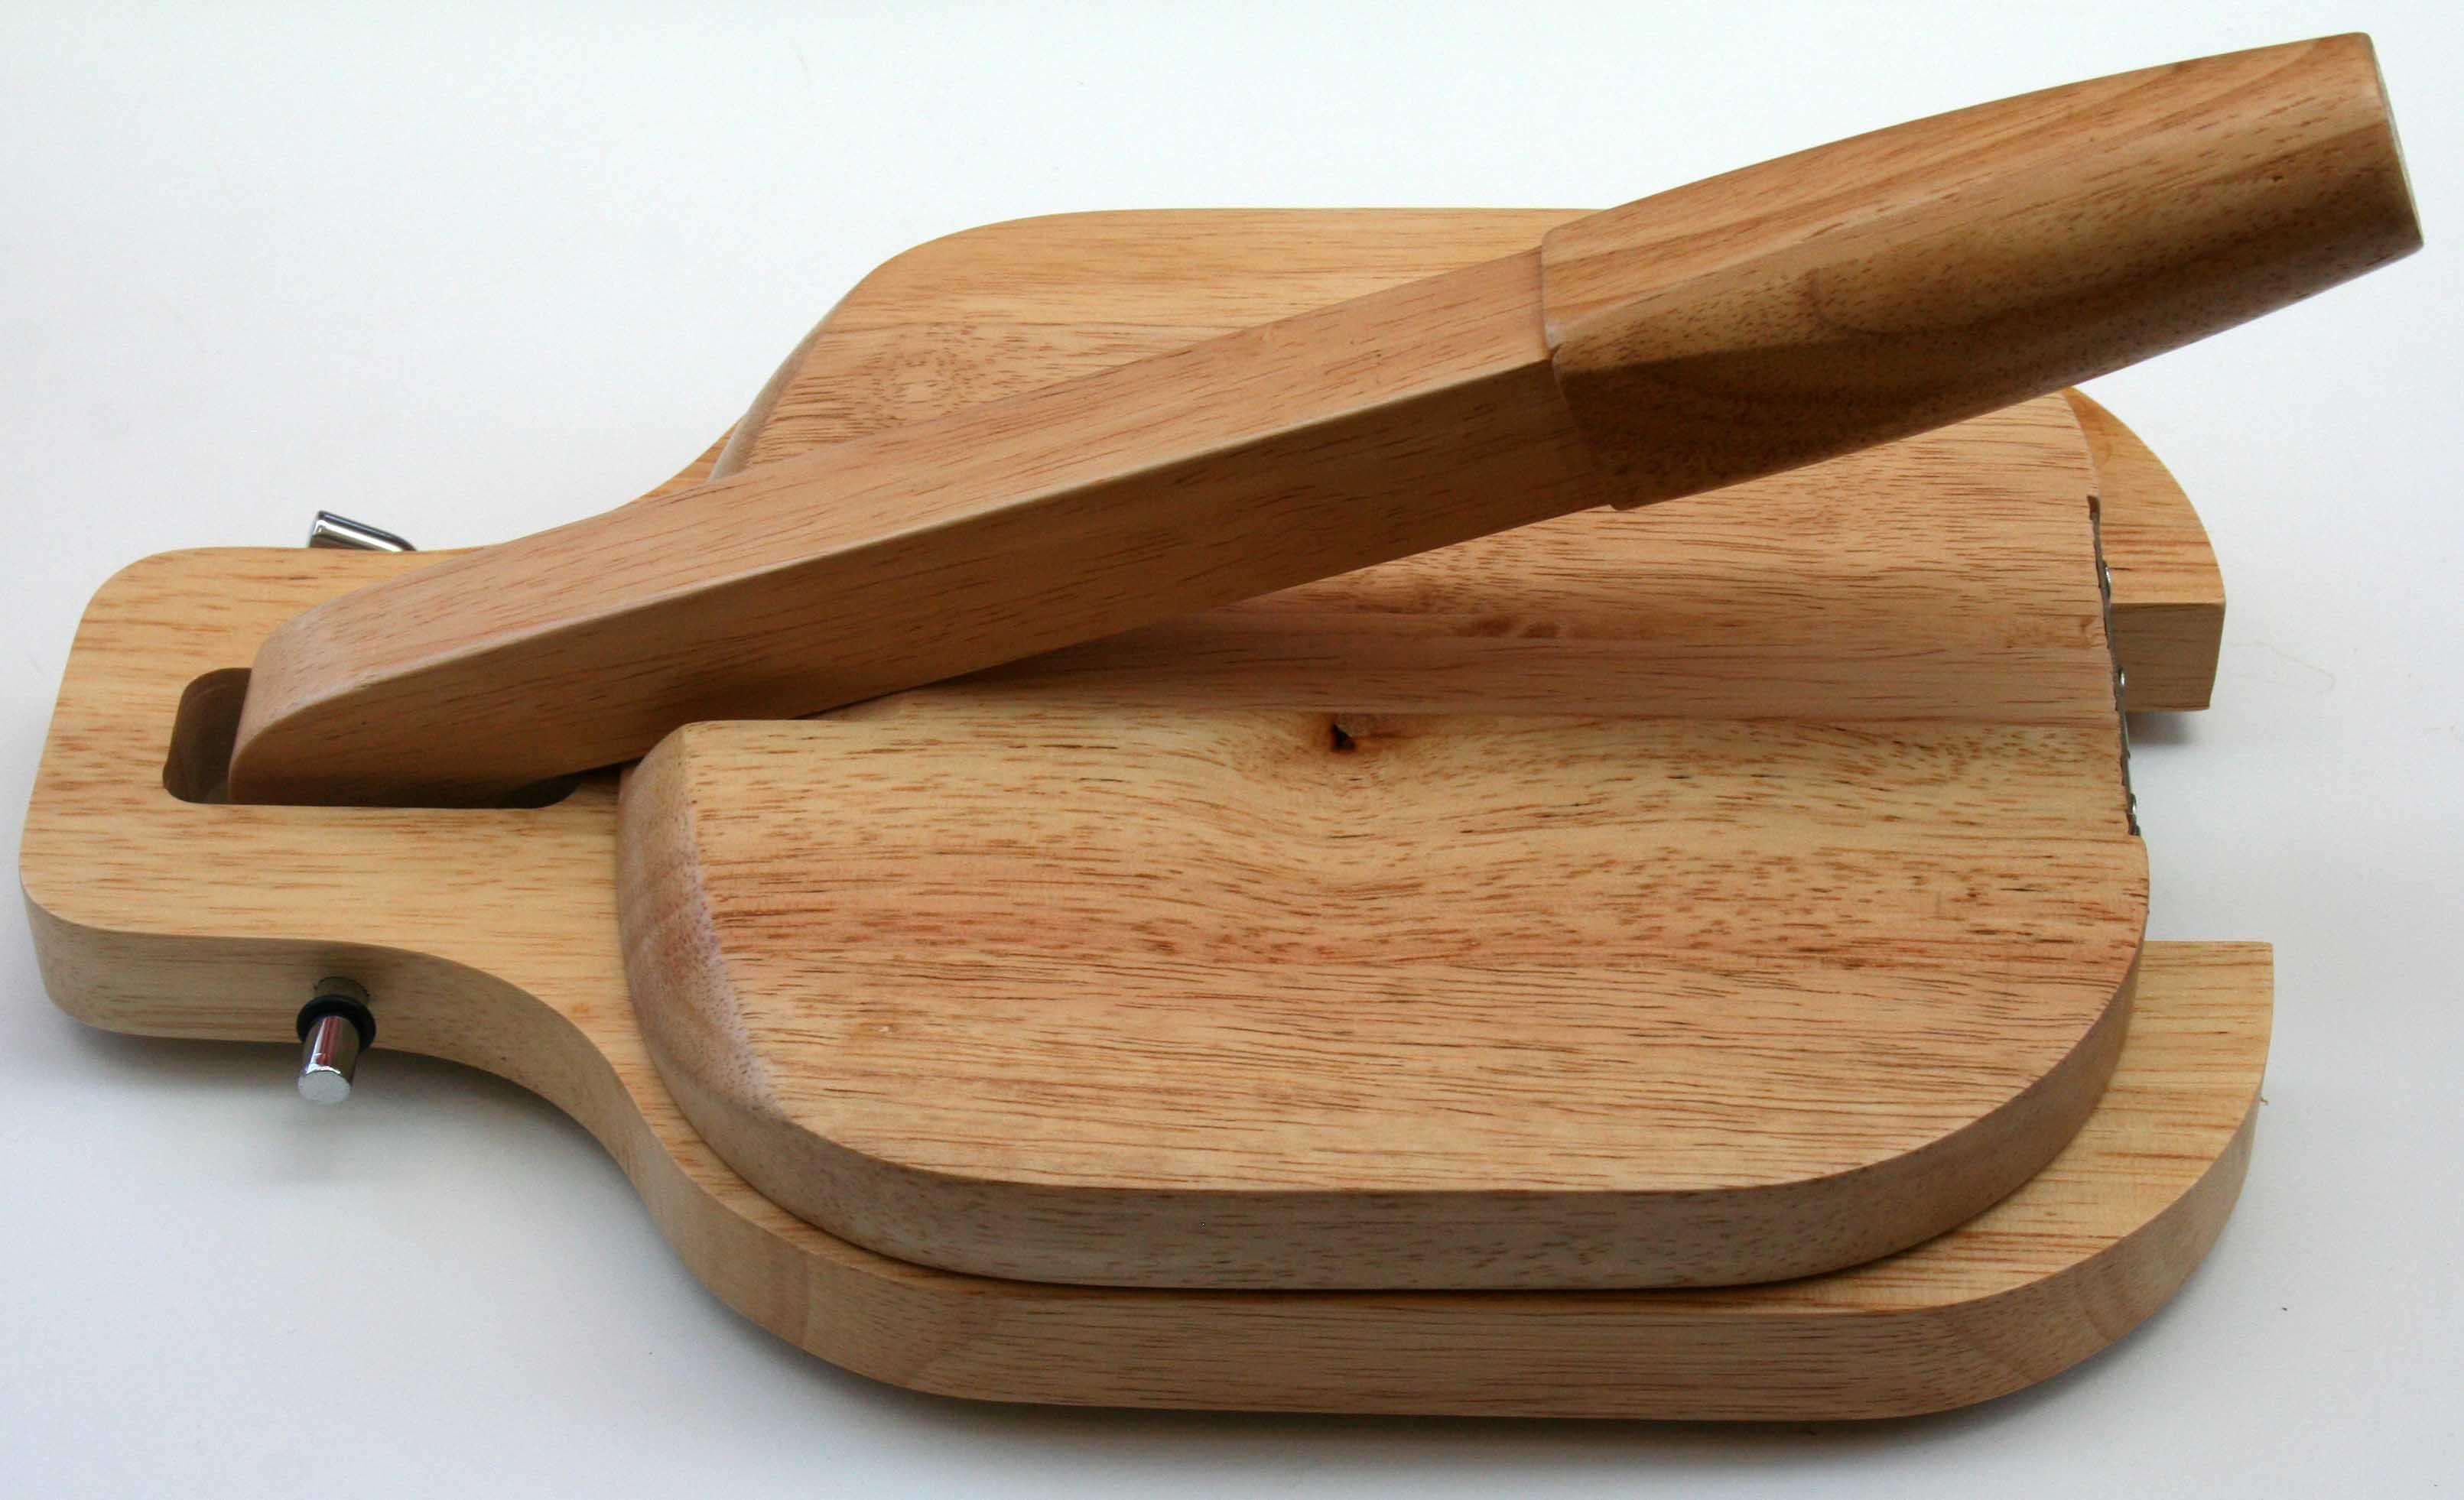 plancha de madrea para hacer tortillas  a90c7ccc41a7